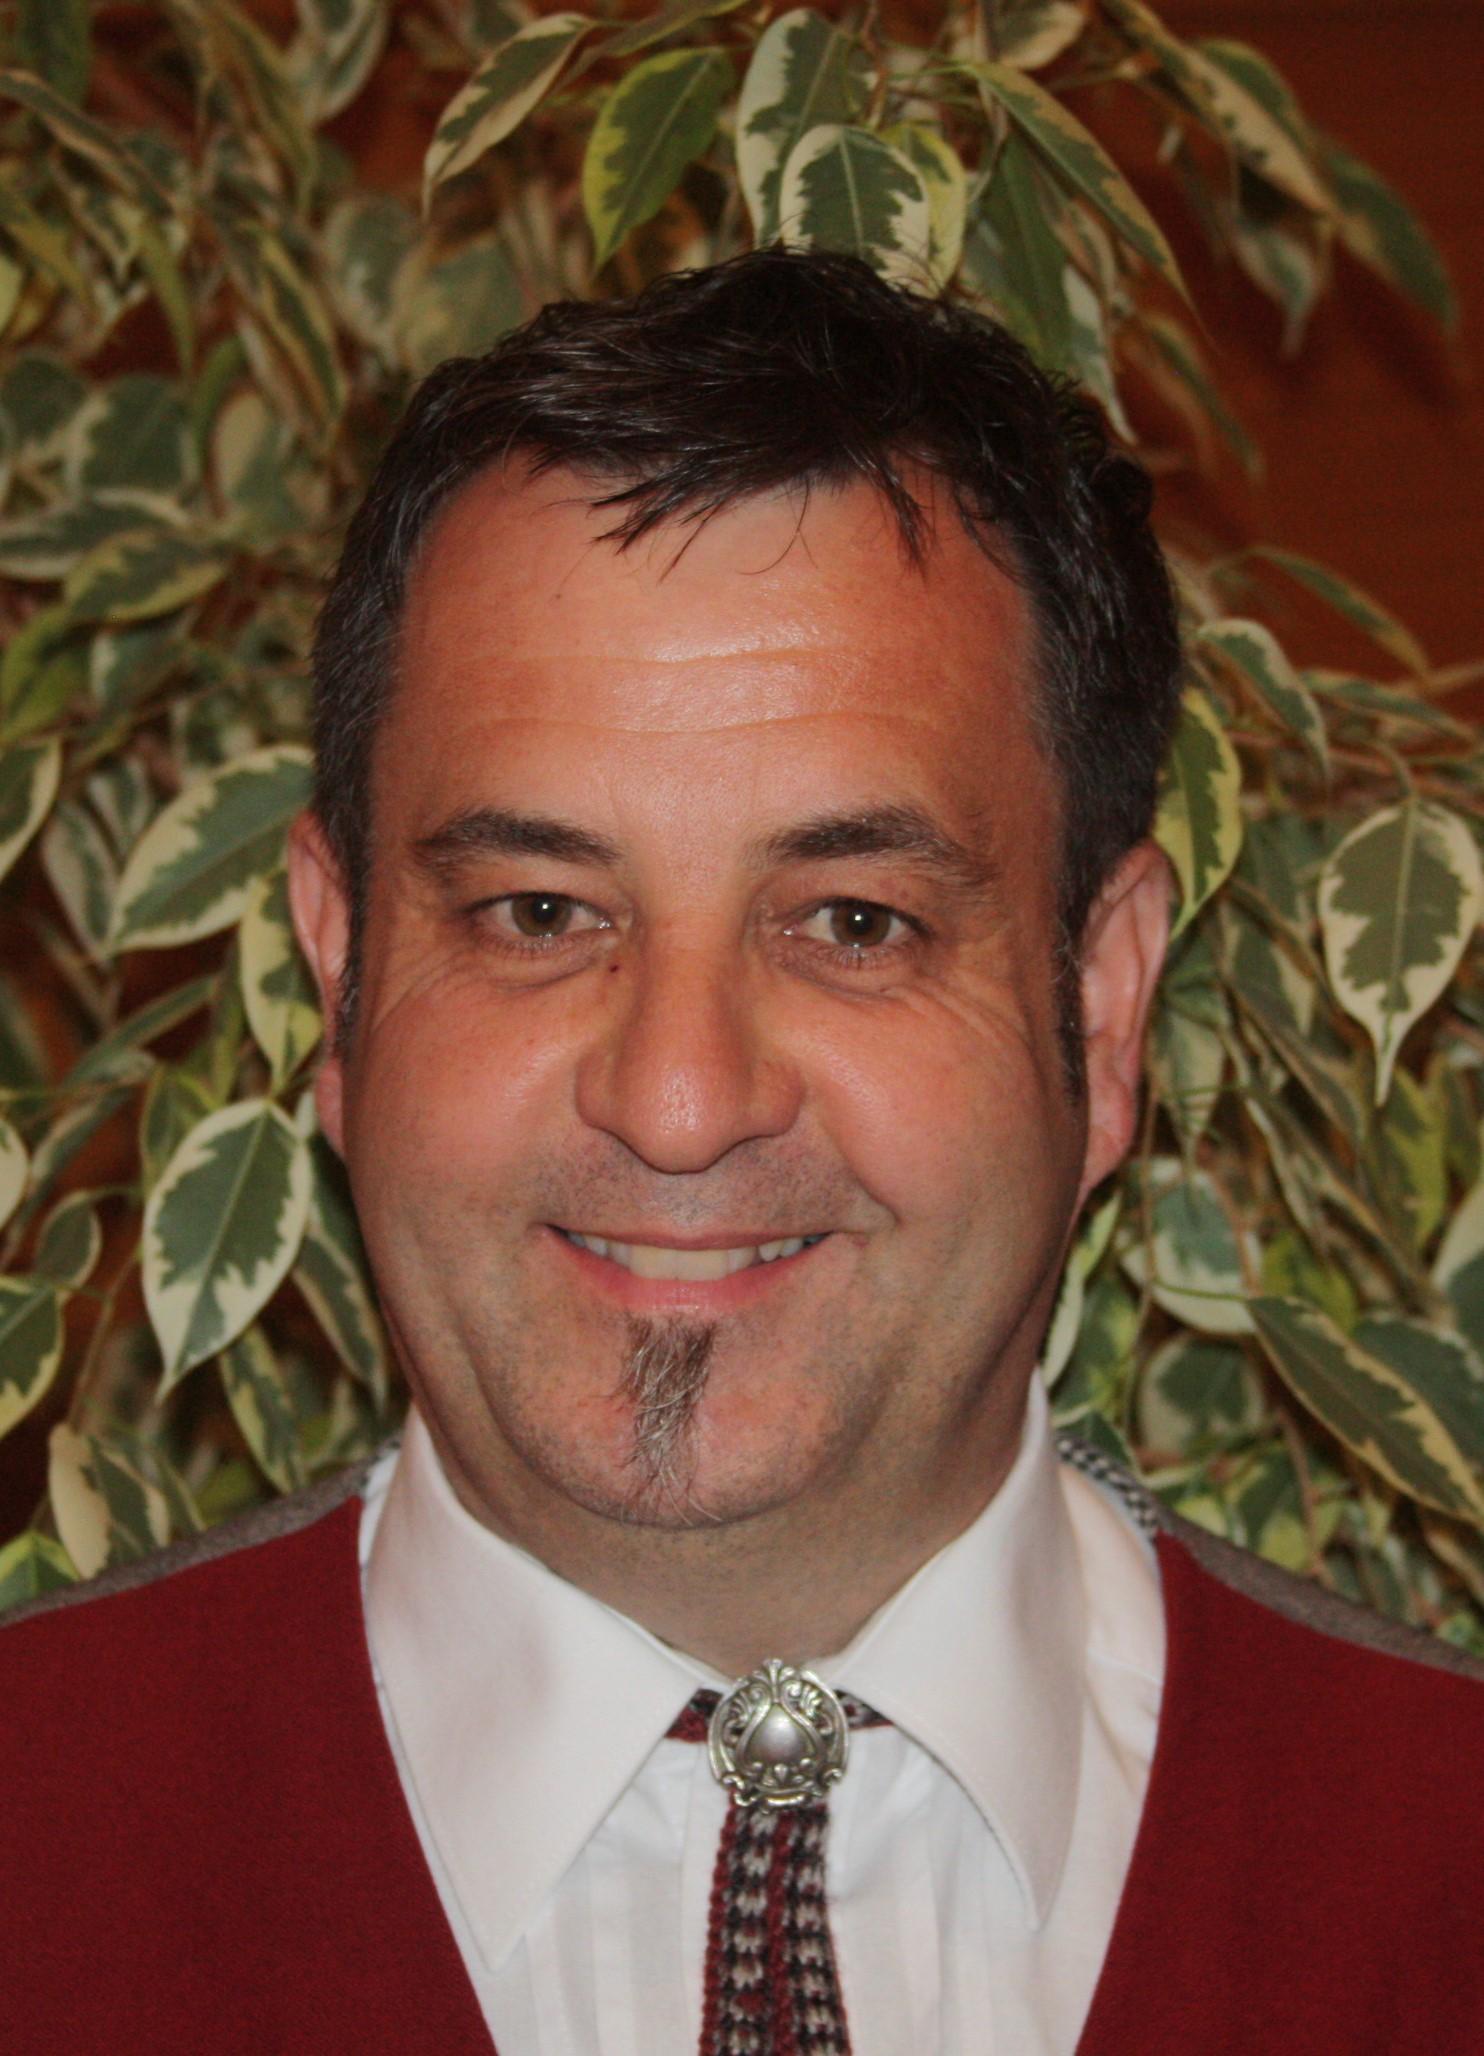 Mario Dossi